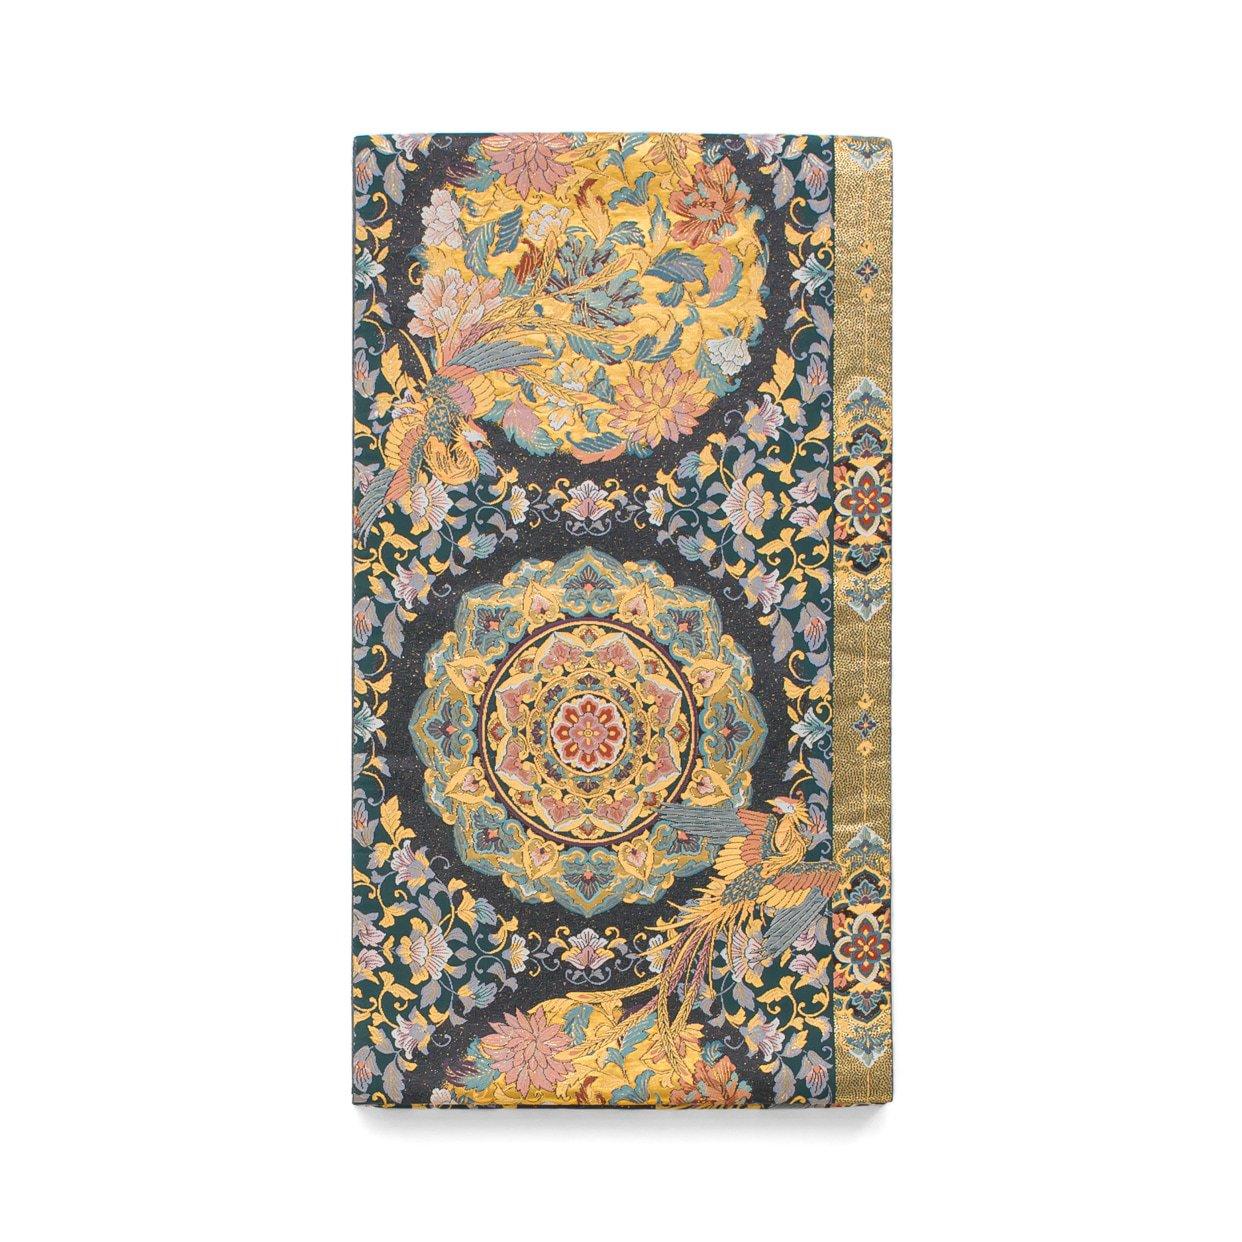 「袋帯●大華紋と鳳凰」の商品画像